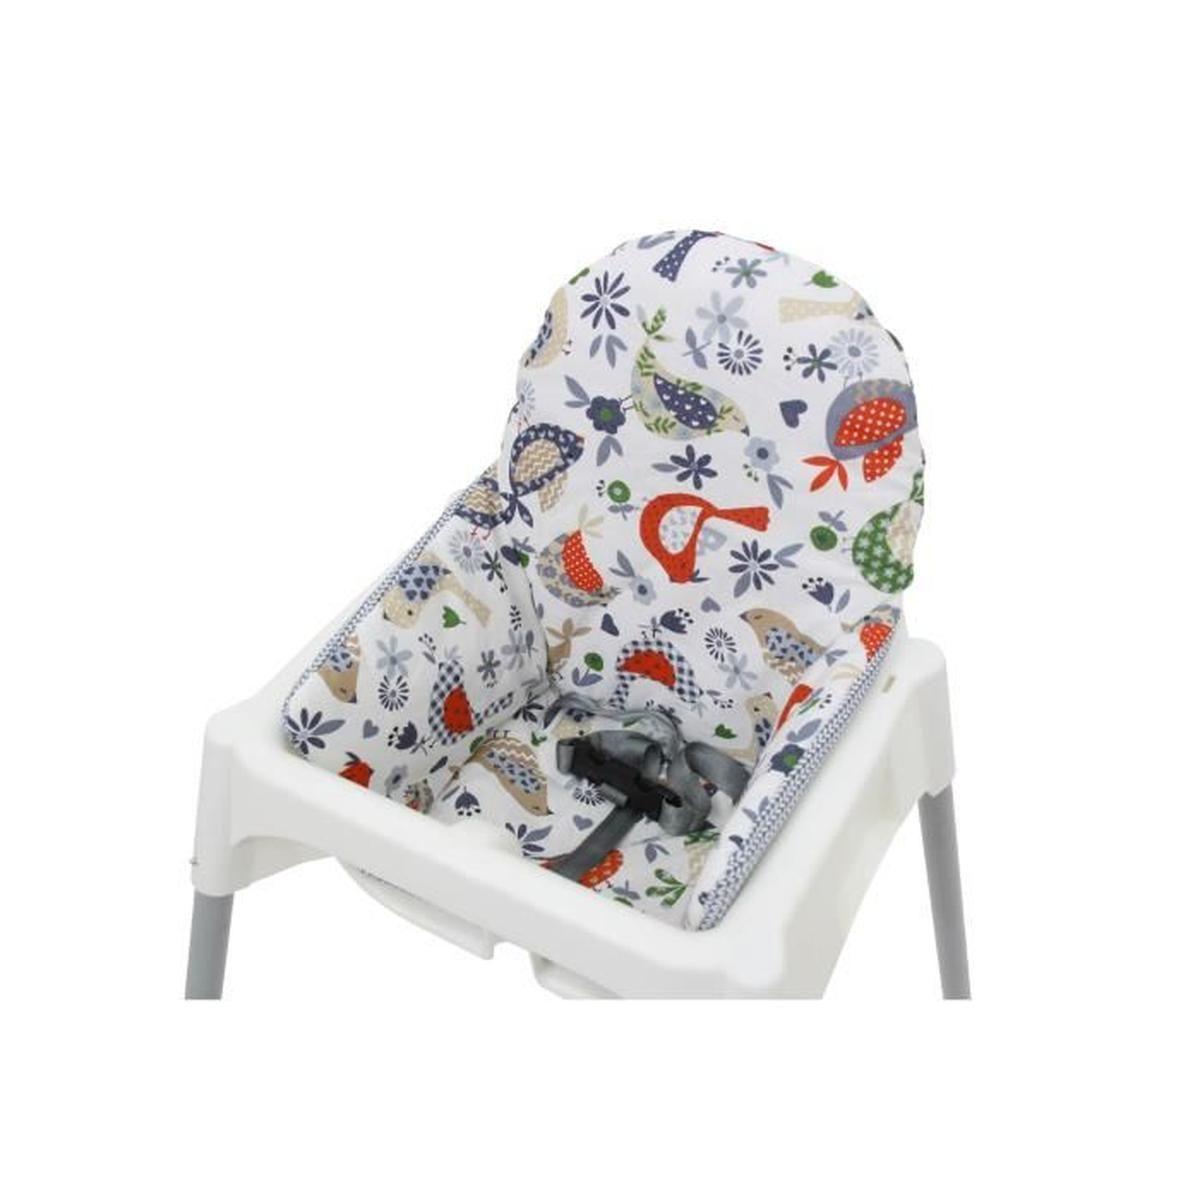 Coussin De Chaisse Haute De Polini Kids Pour Ikea Antilop tout Transat Jardin Ikea